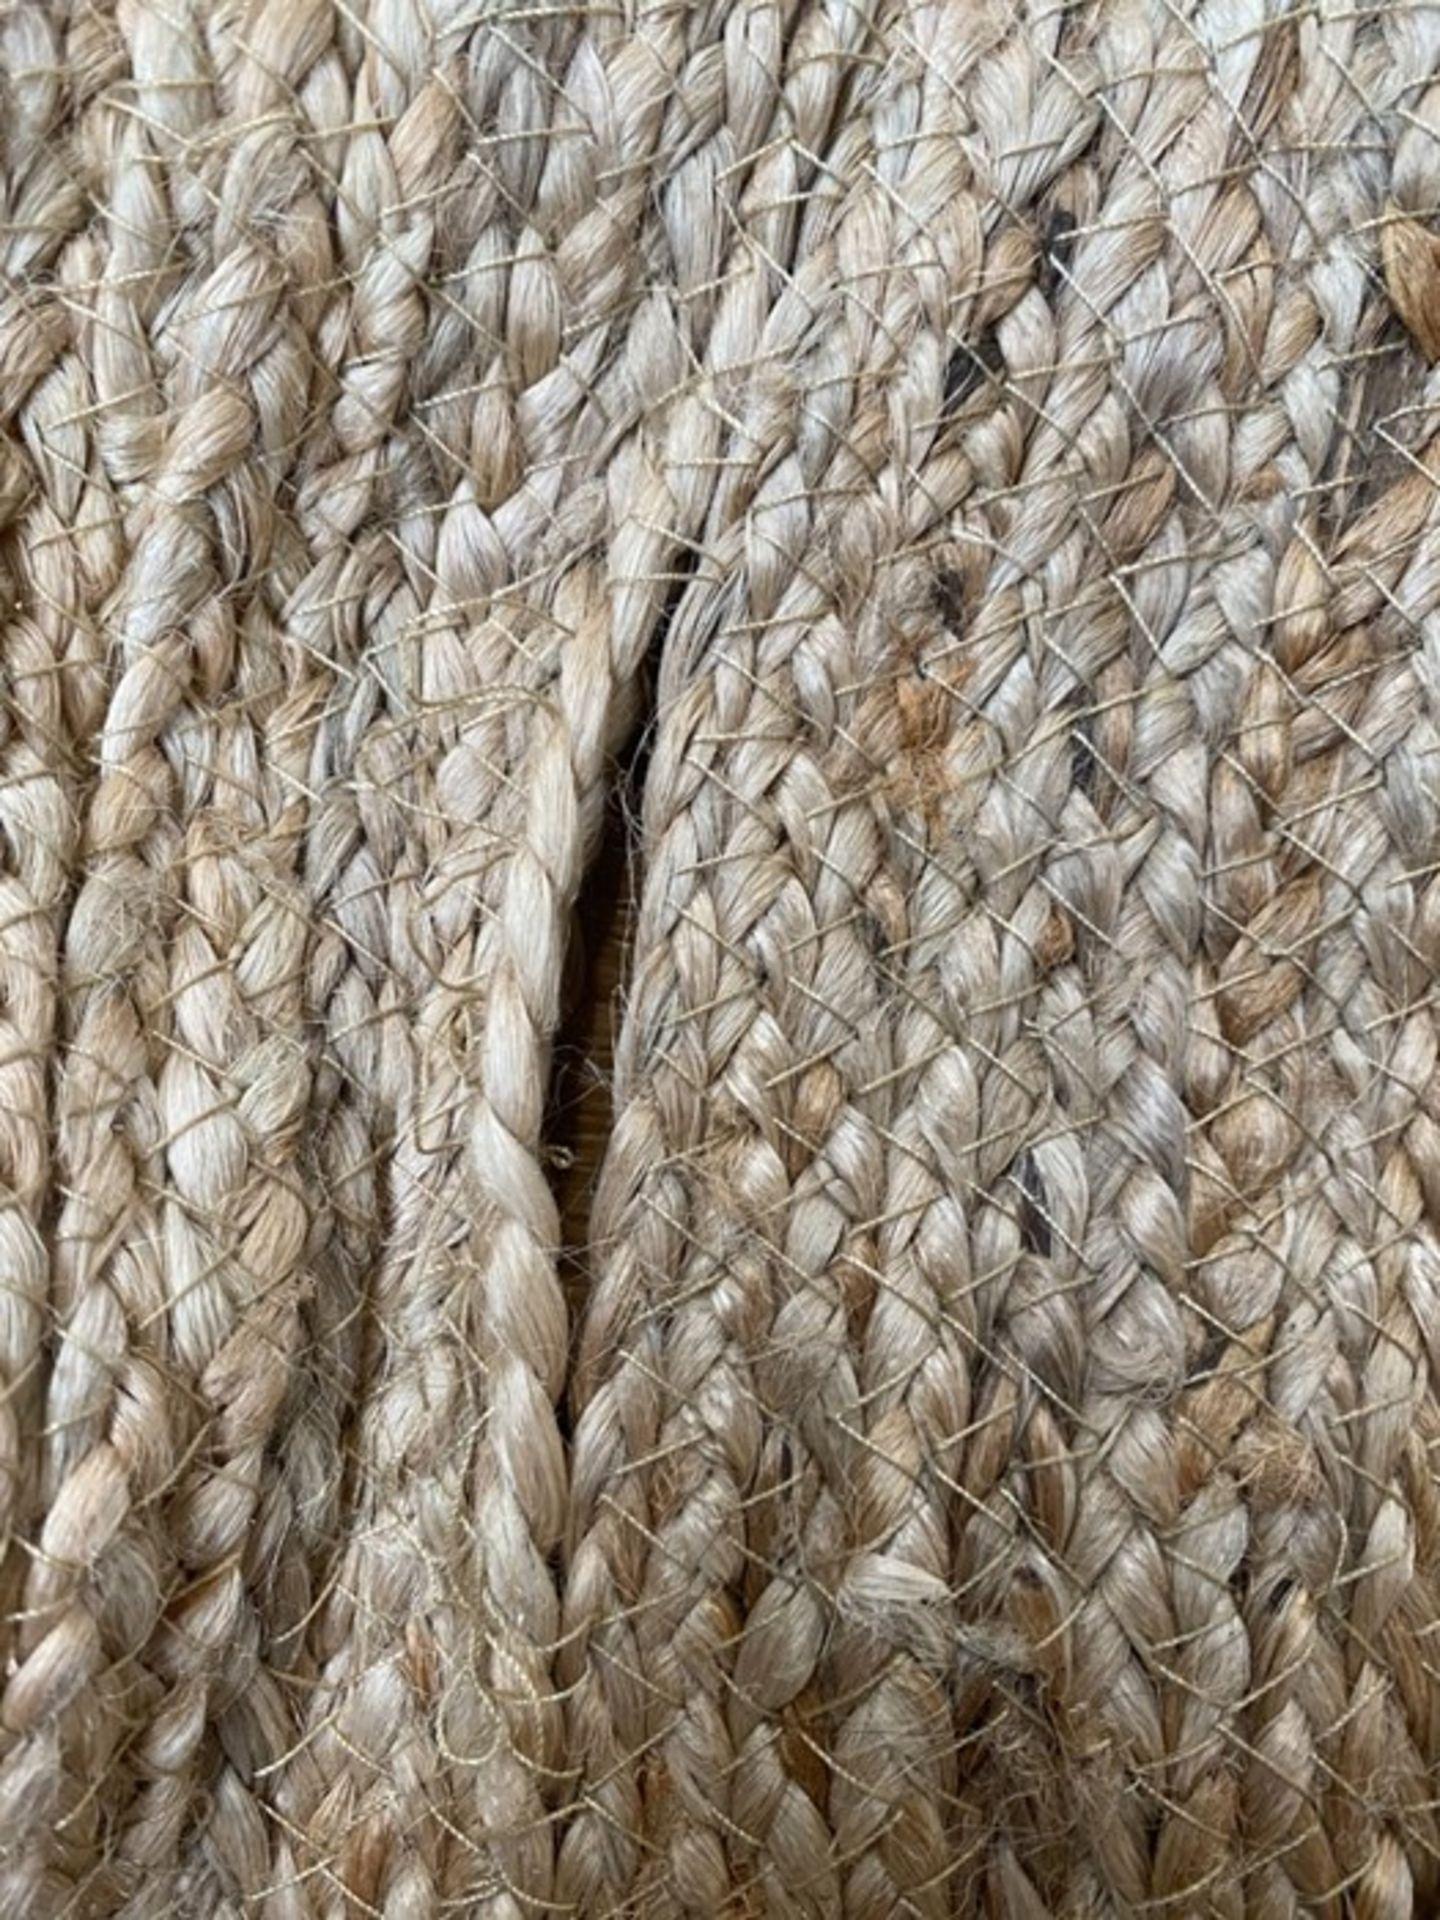 LA REDOUTE AFTAS ROUND JUTE RUG (100CM DIAMETER) - Image 2 of 2